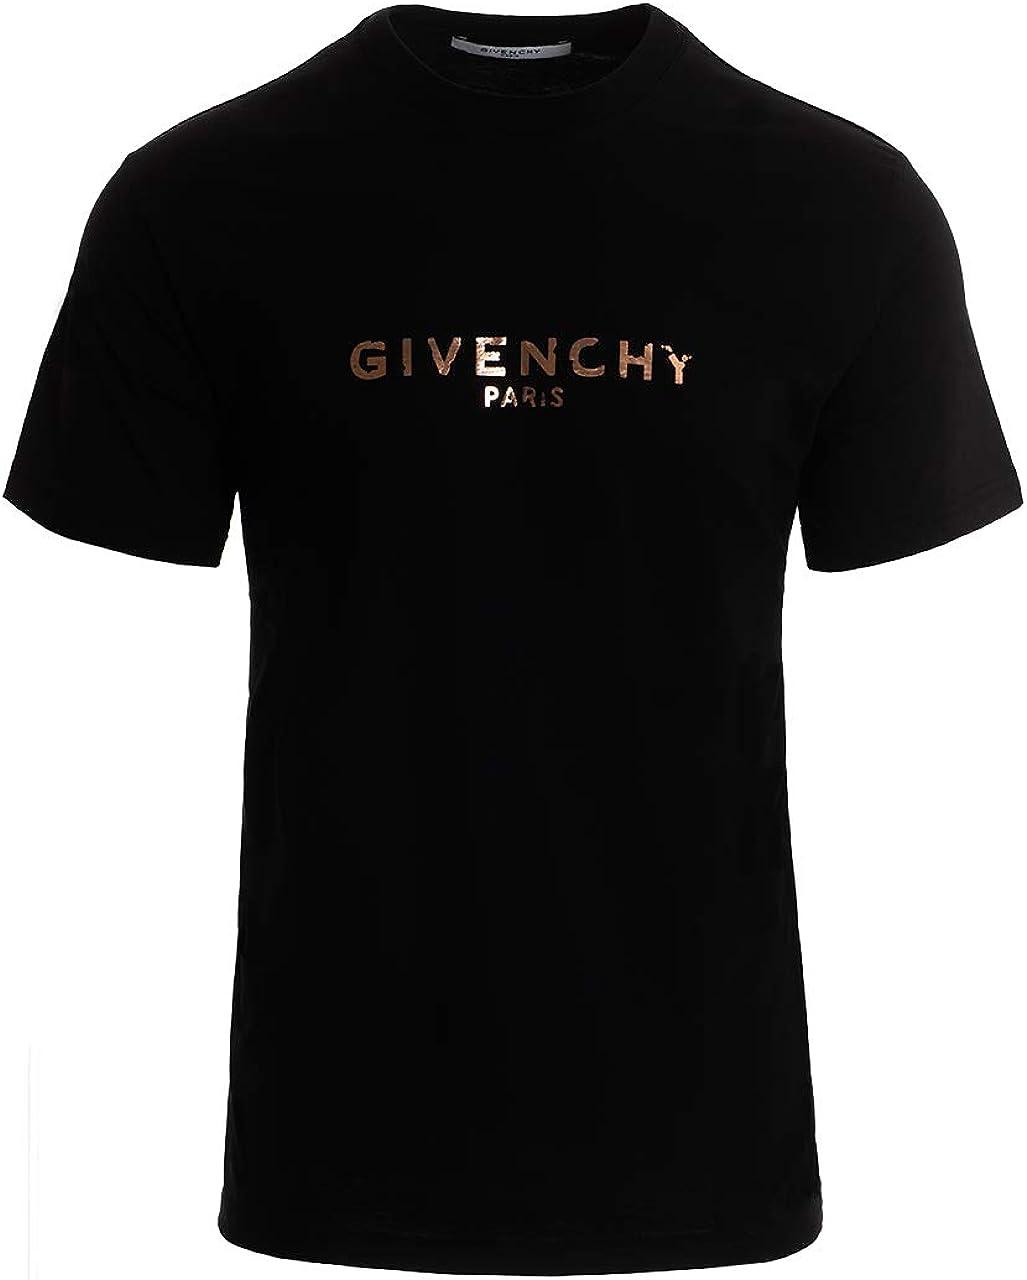 Givenchy T Shirt für Herren, schwarz, Logo Vintage, goldfarben ...